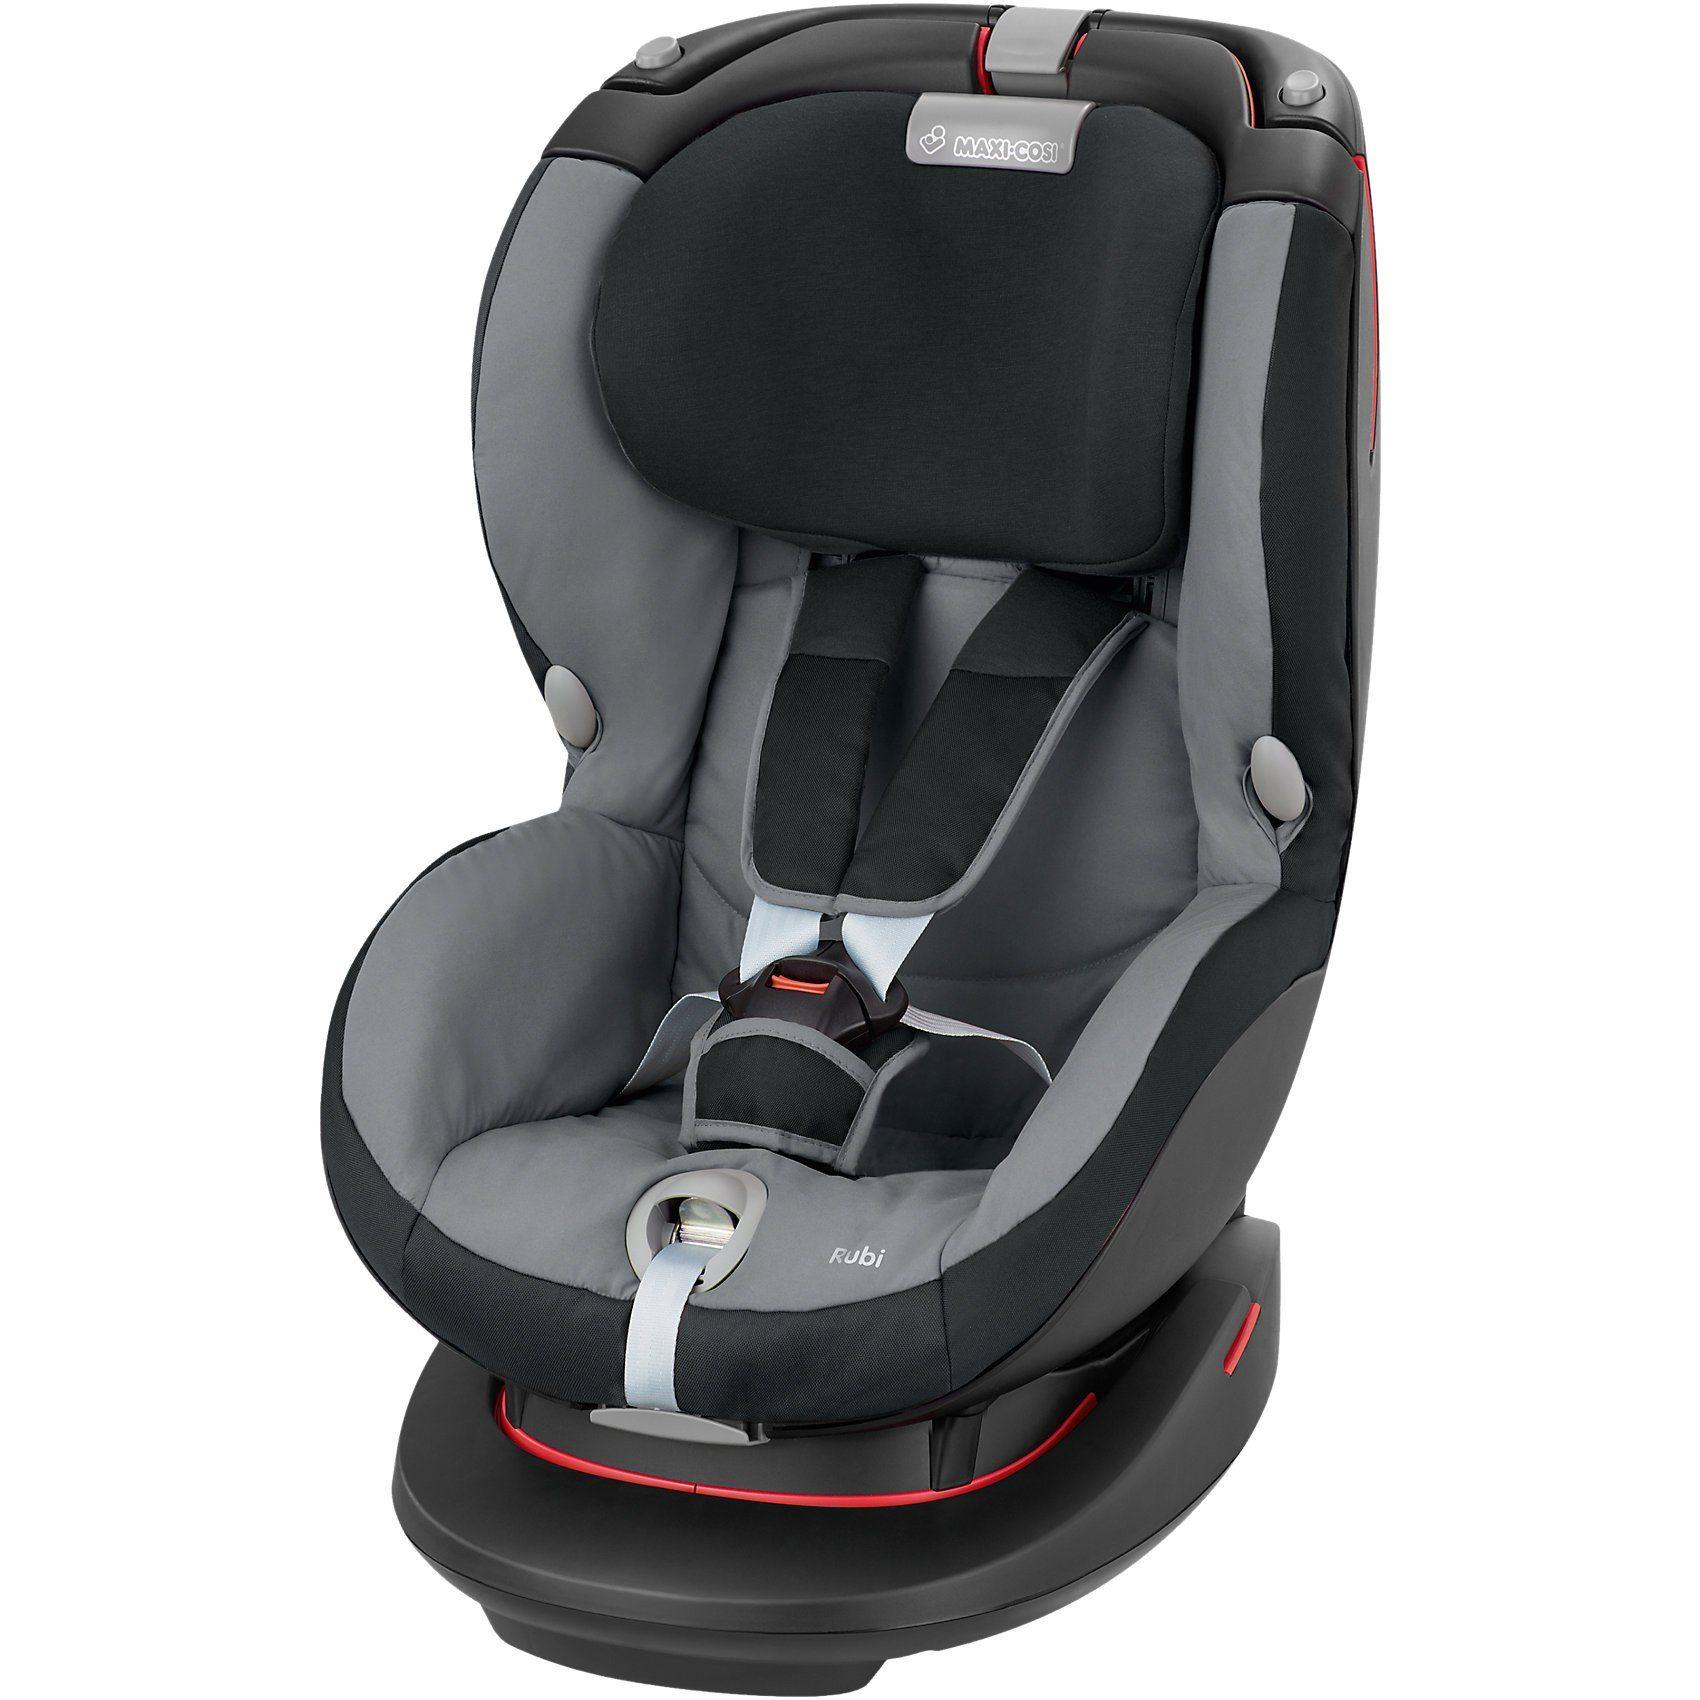 Maxi-Cosi Auto-Kindersitz Rubi XP, solid grey, 2016